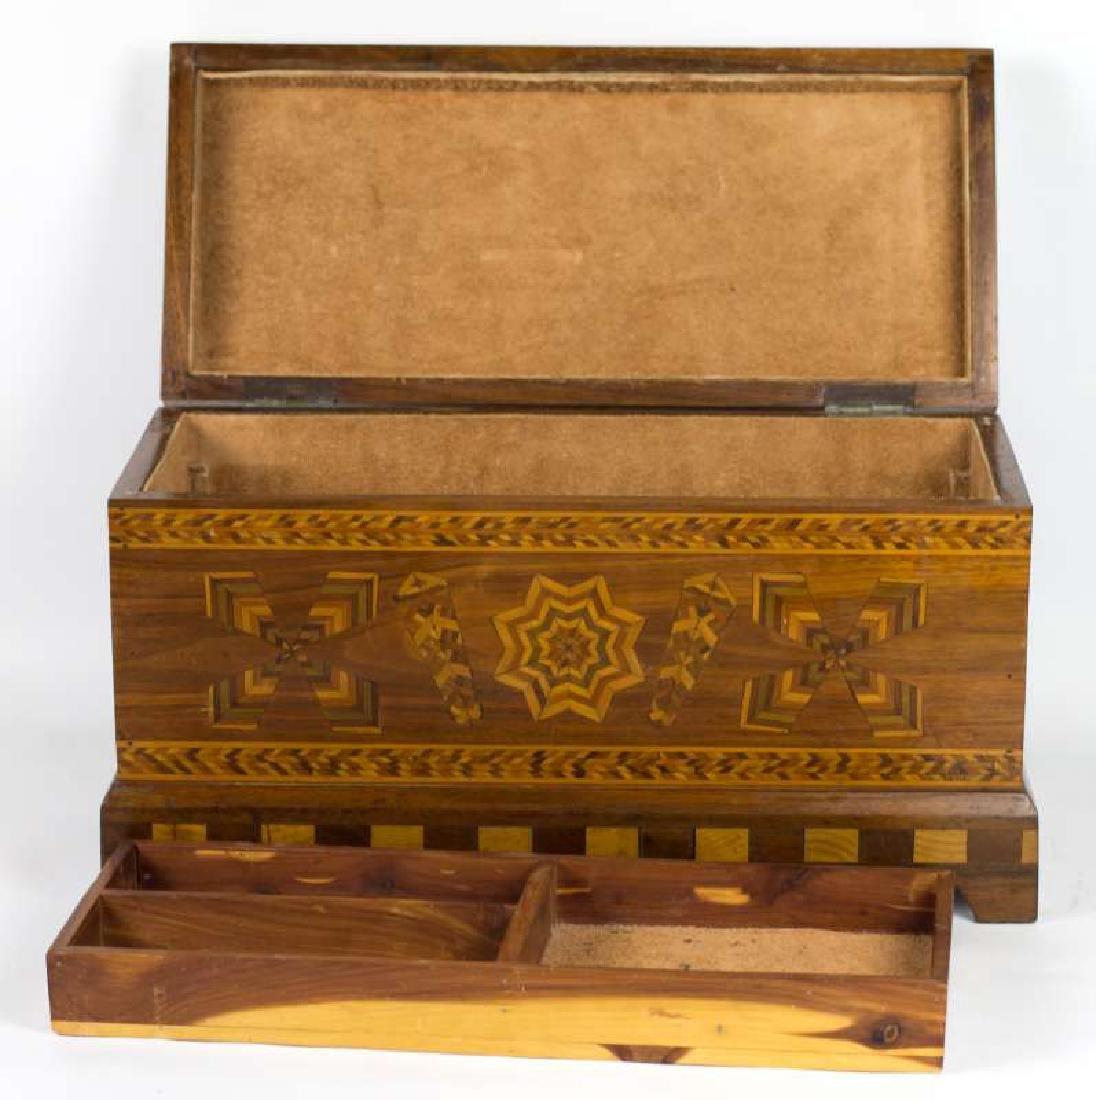 A CIRCA 1900 AMERICAN FOLK ART MARQUETRY BOX - 7